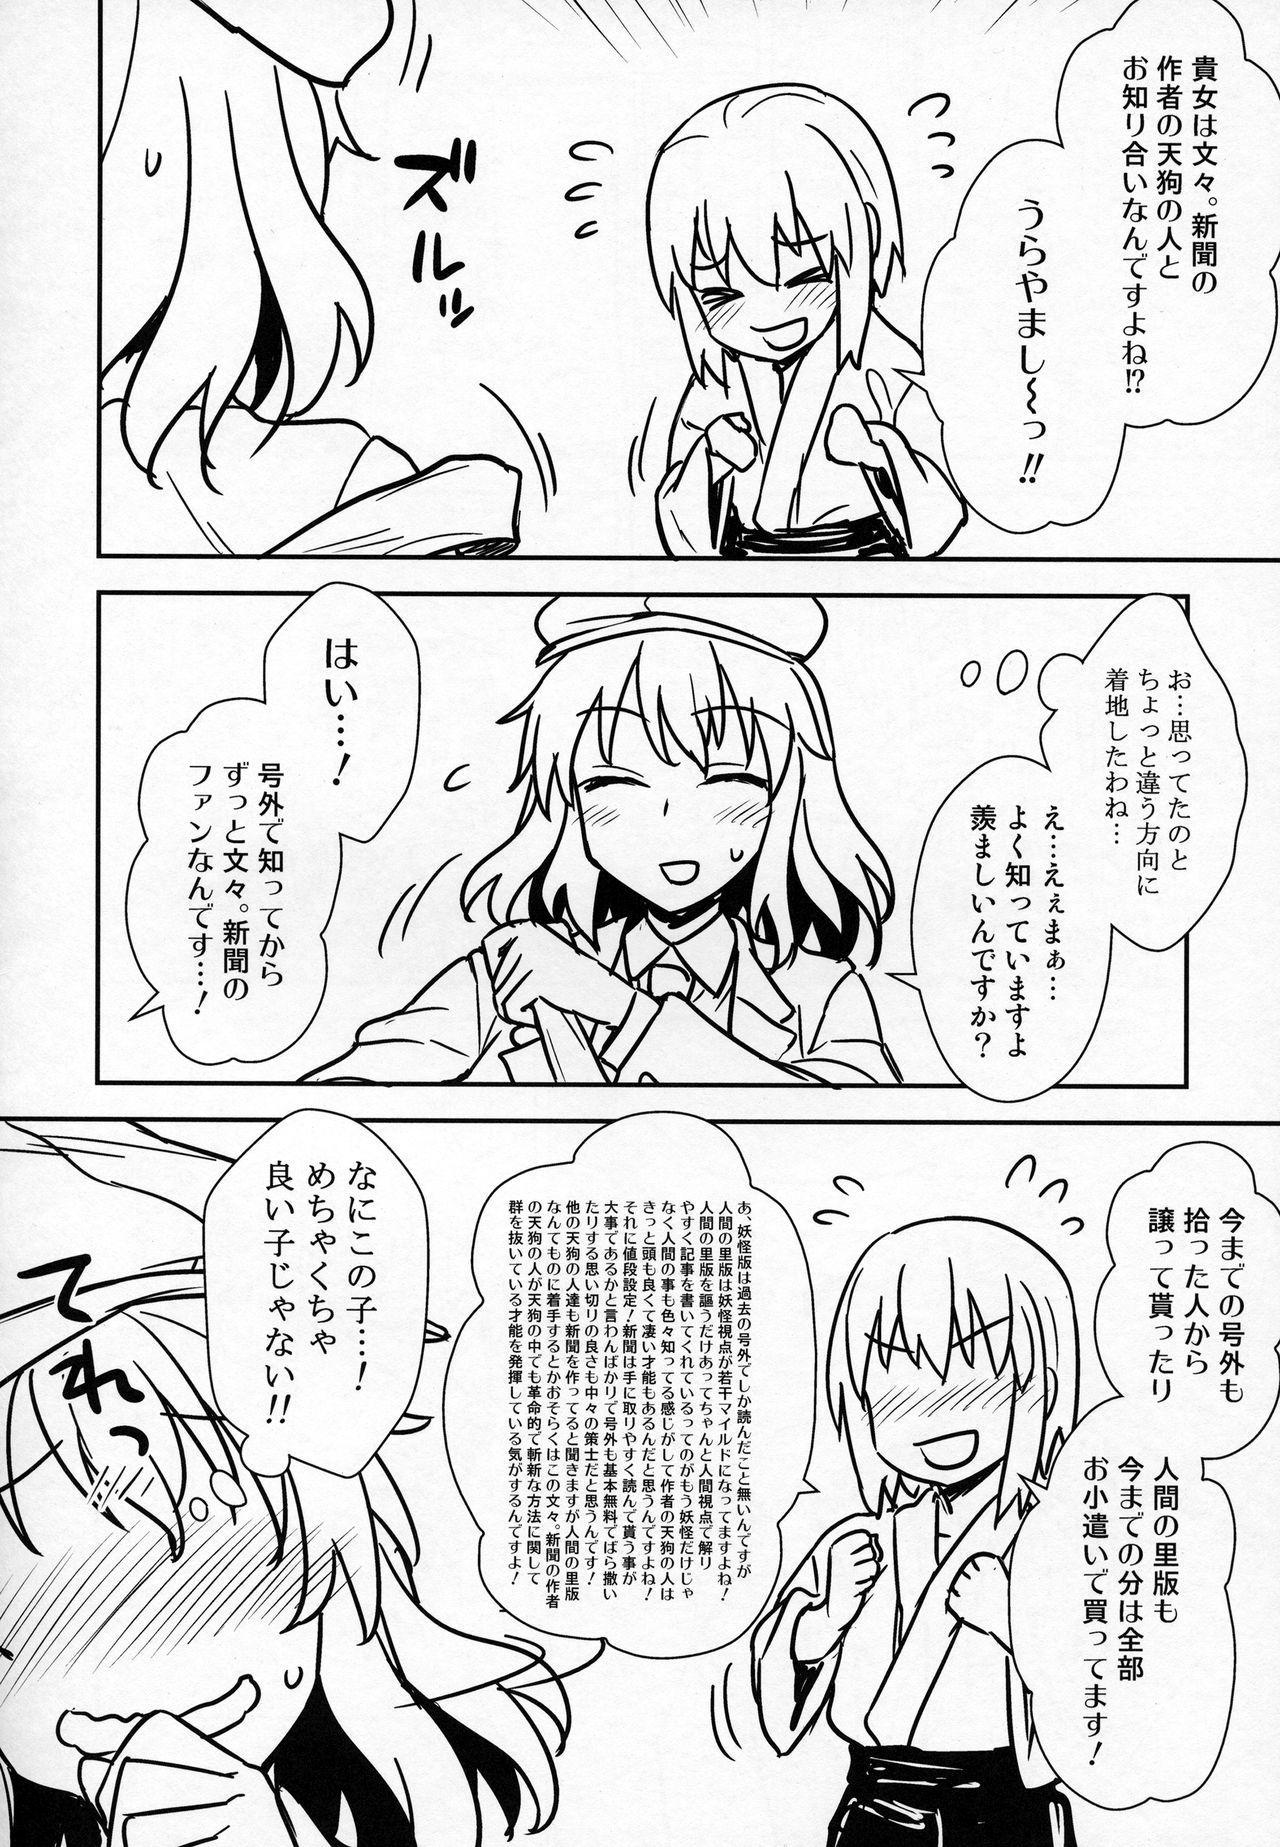 Aya-san to Himitsuzukuri 4